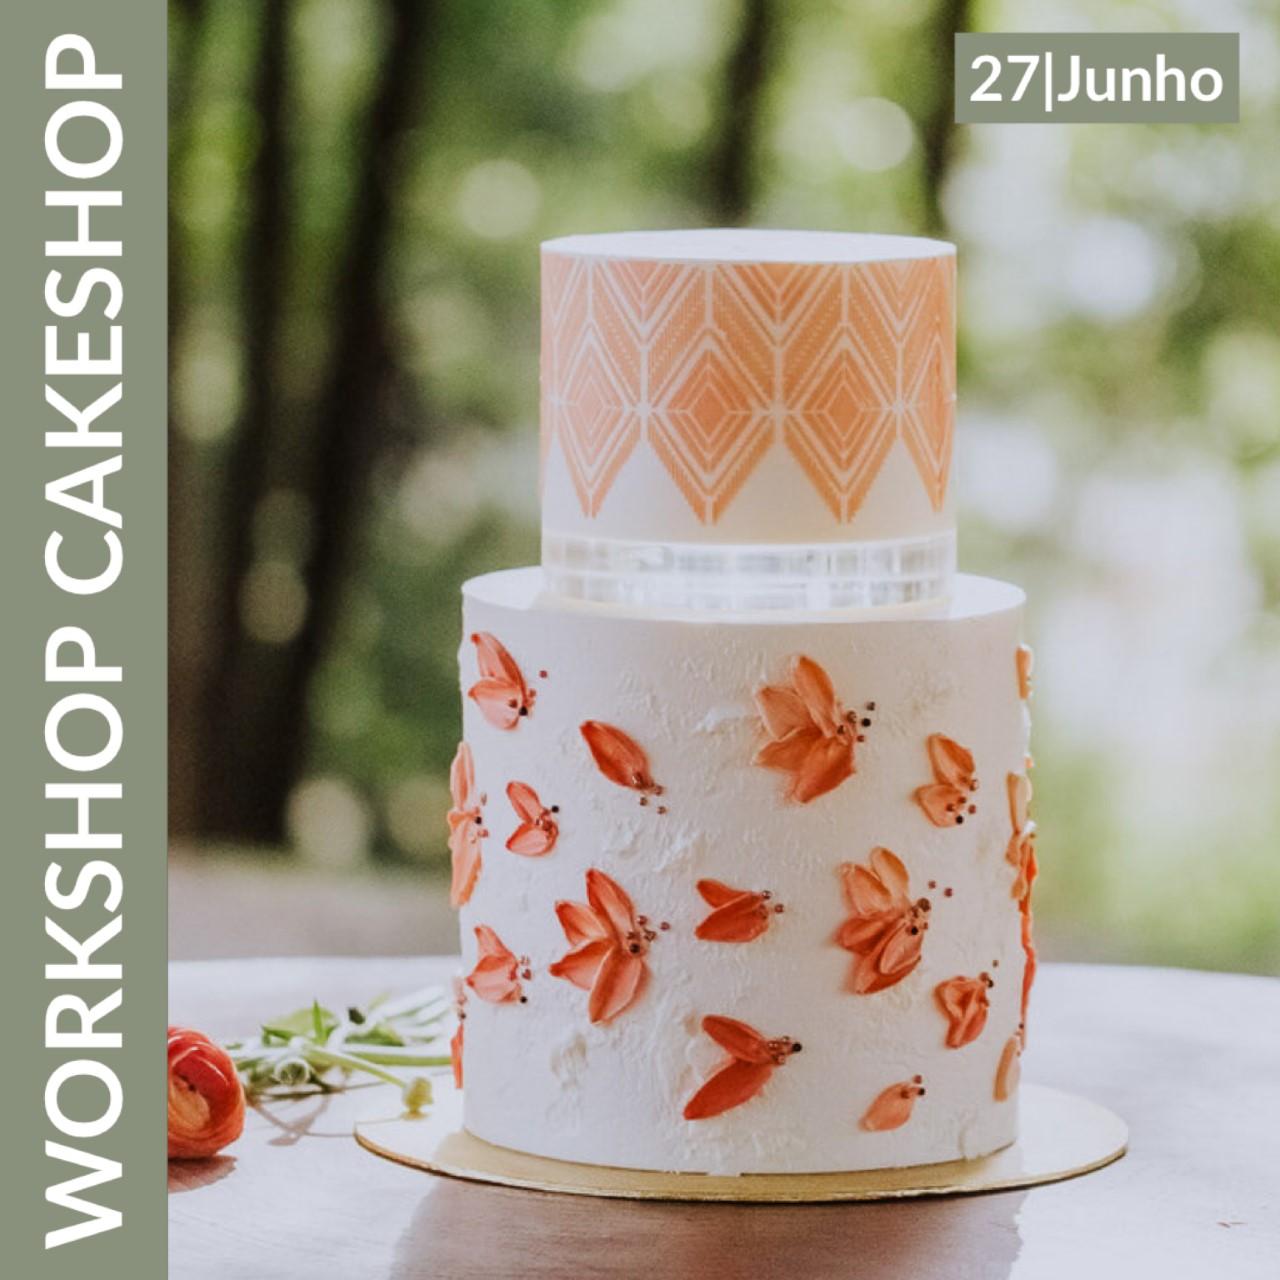 Workshop de Bolo de Casamento em Buttercream